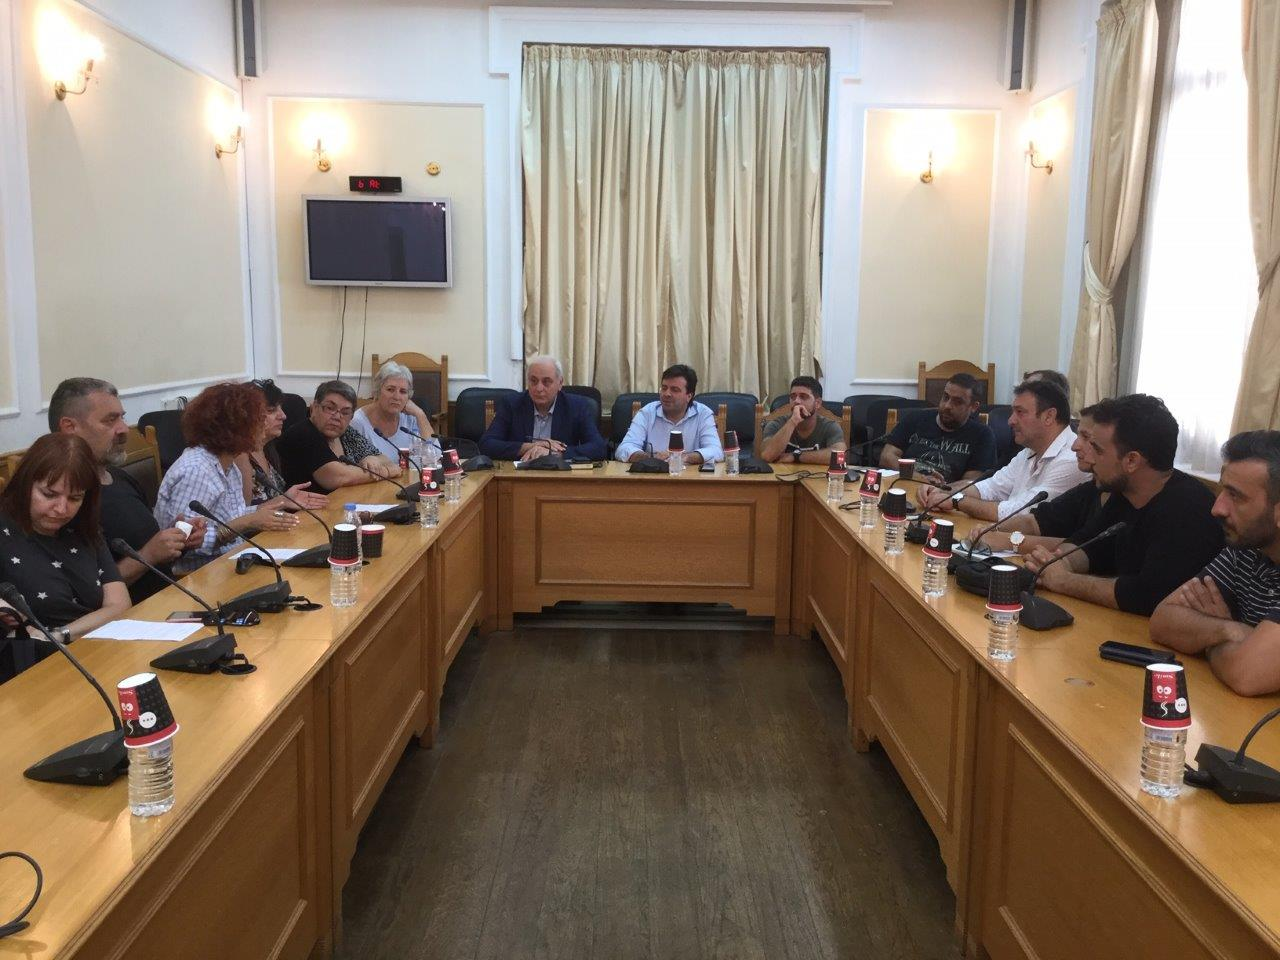 IMG_7152-2 Στήριξη από την Περιφέρεια του αγώνα των εργαζομένων στο ΚΕΘΕΑ